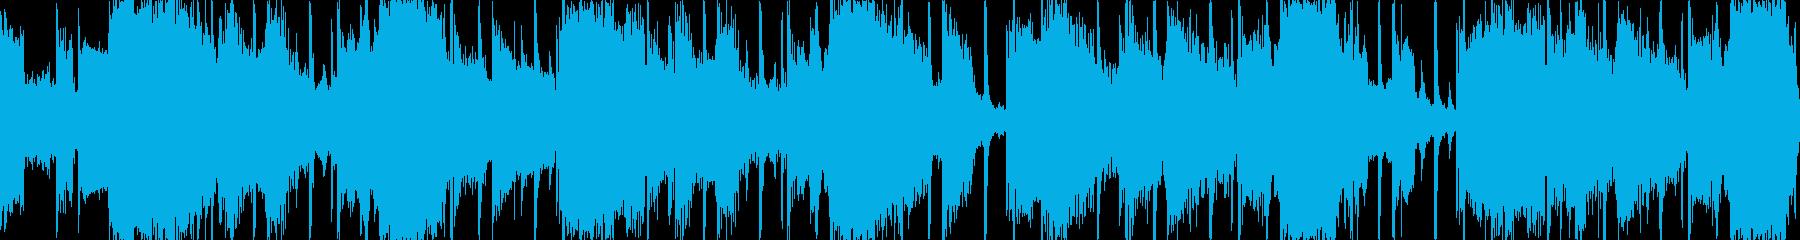 エレクトロニック エレキギター パ...の再生済みの波形